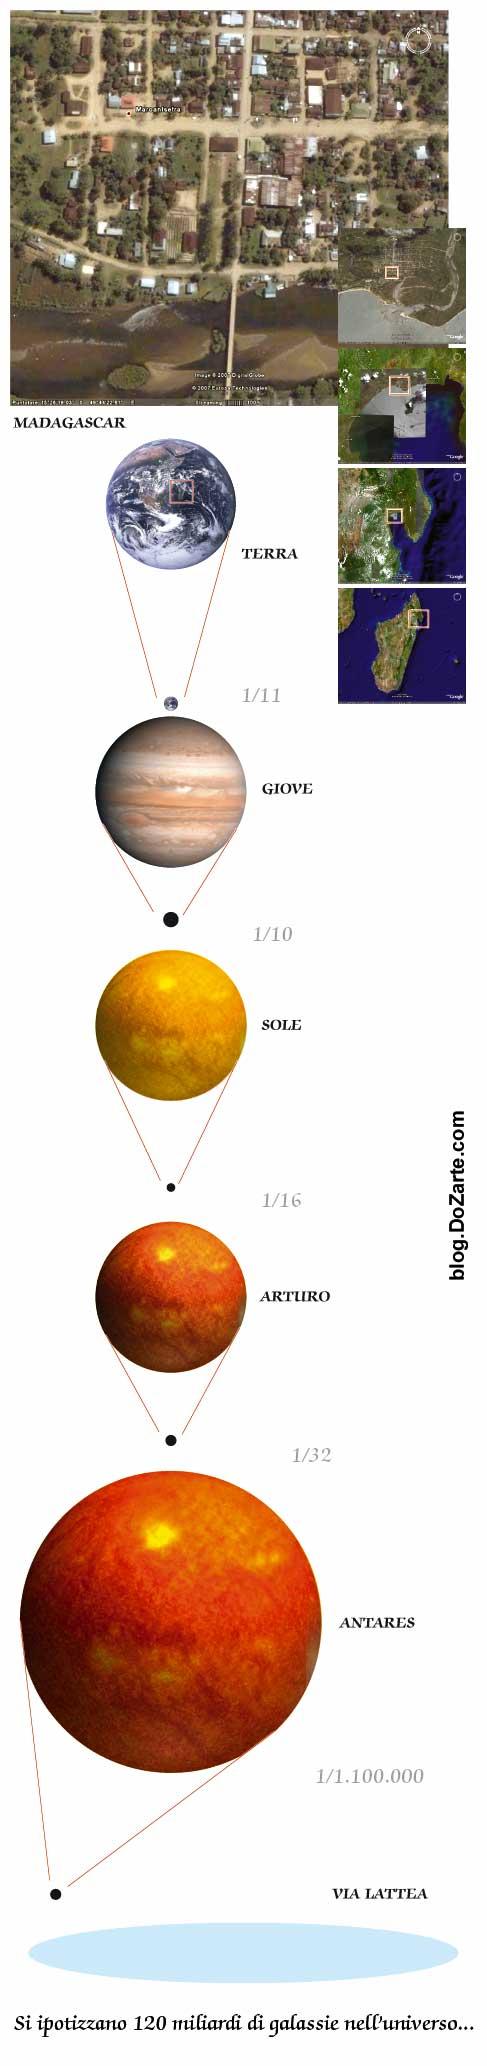 Le dimensioni nell'universo